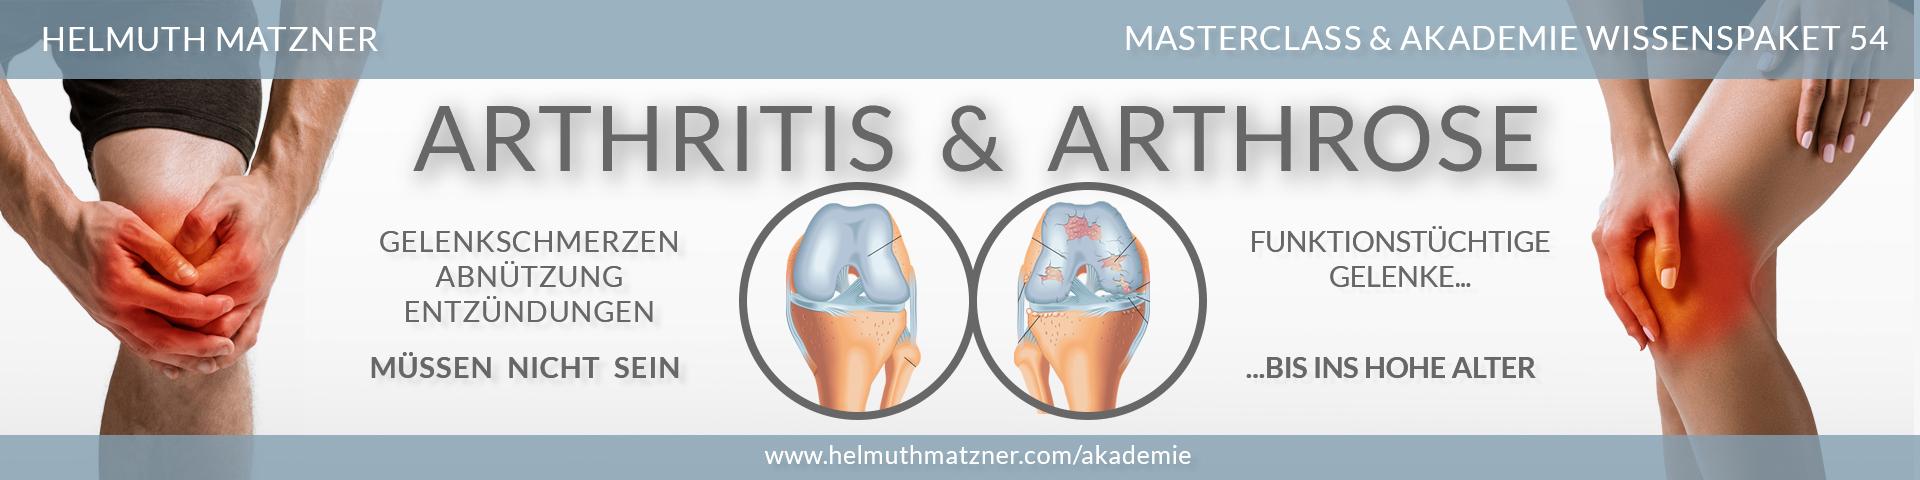 Helmuth Matzner - Masterclass & Akademie Wissenspaket 54 - Arthritis Arthrose - LP-BANNER v02